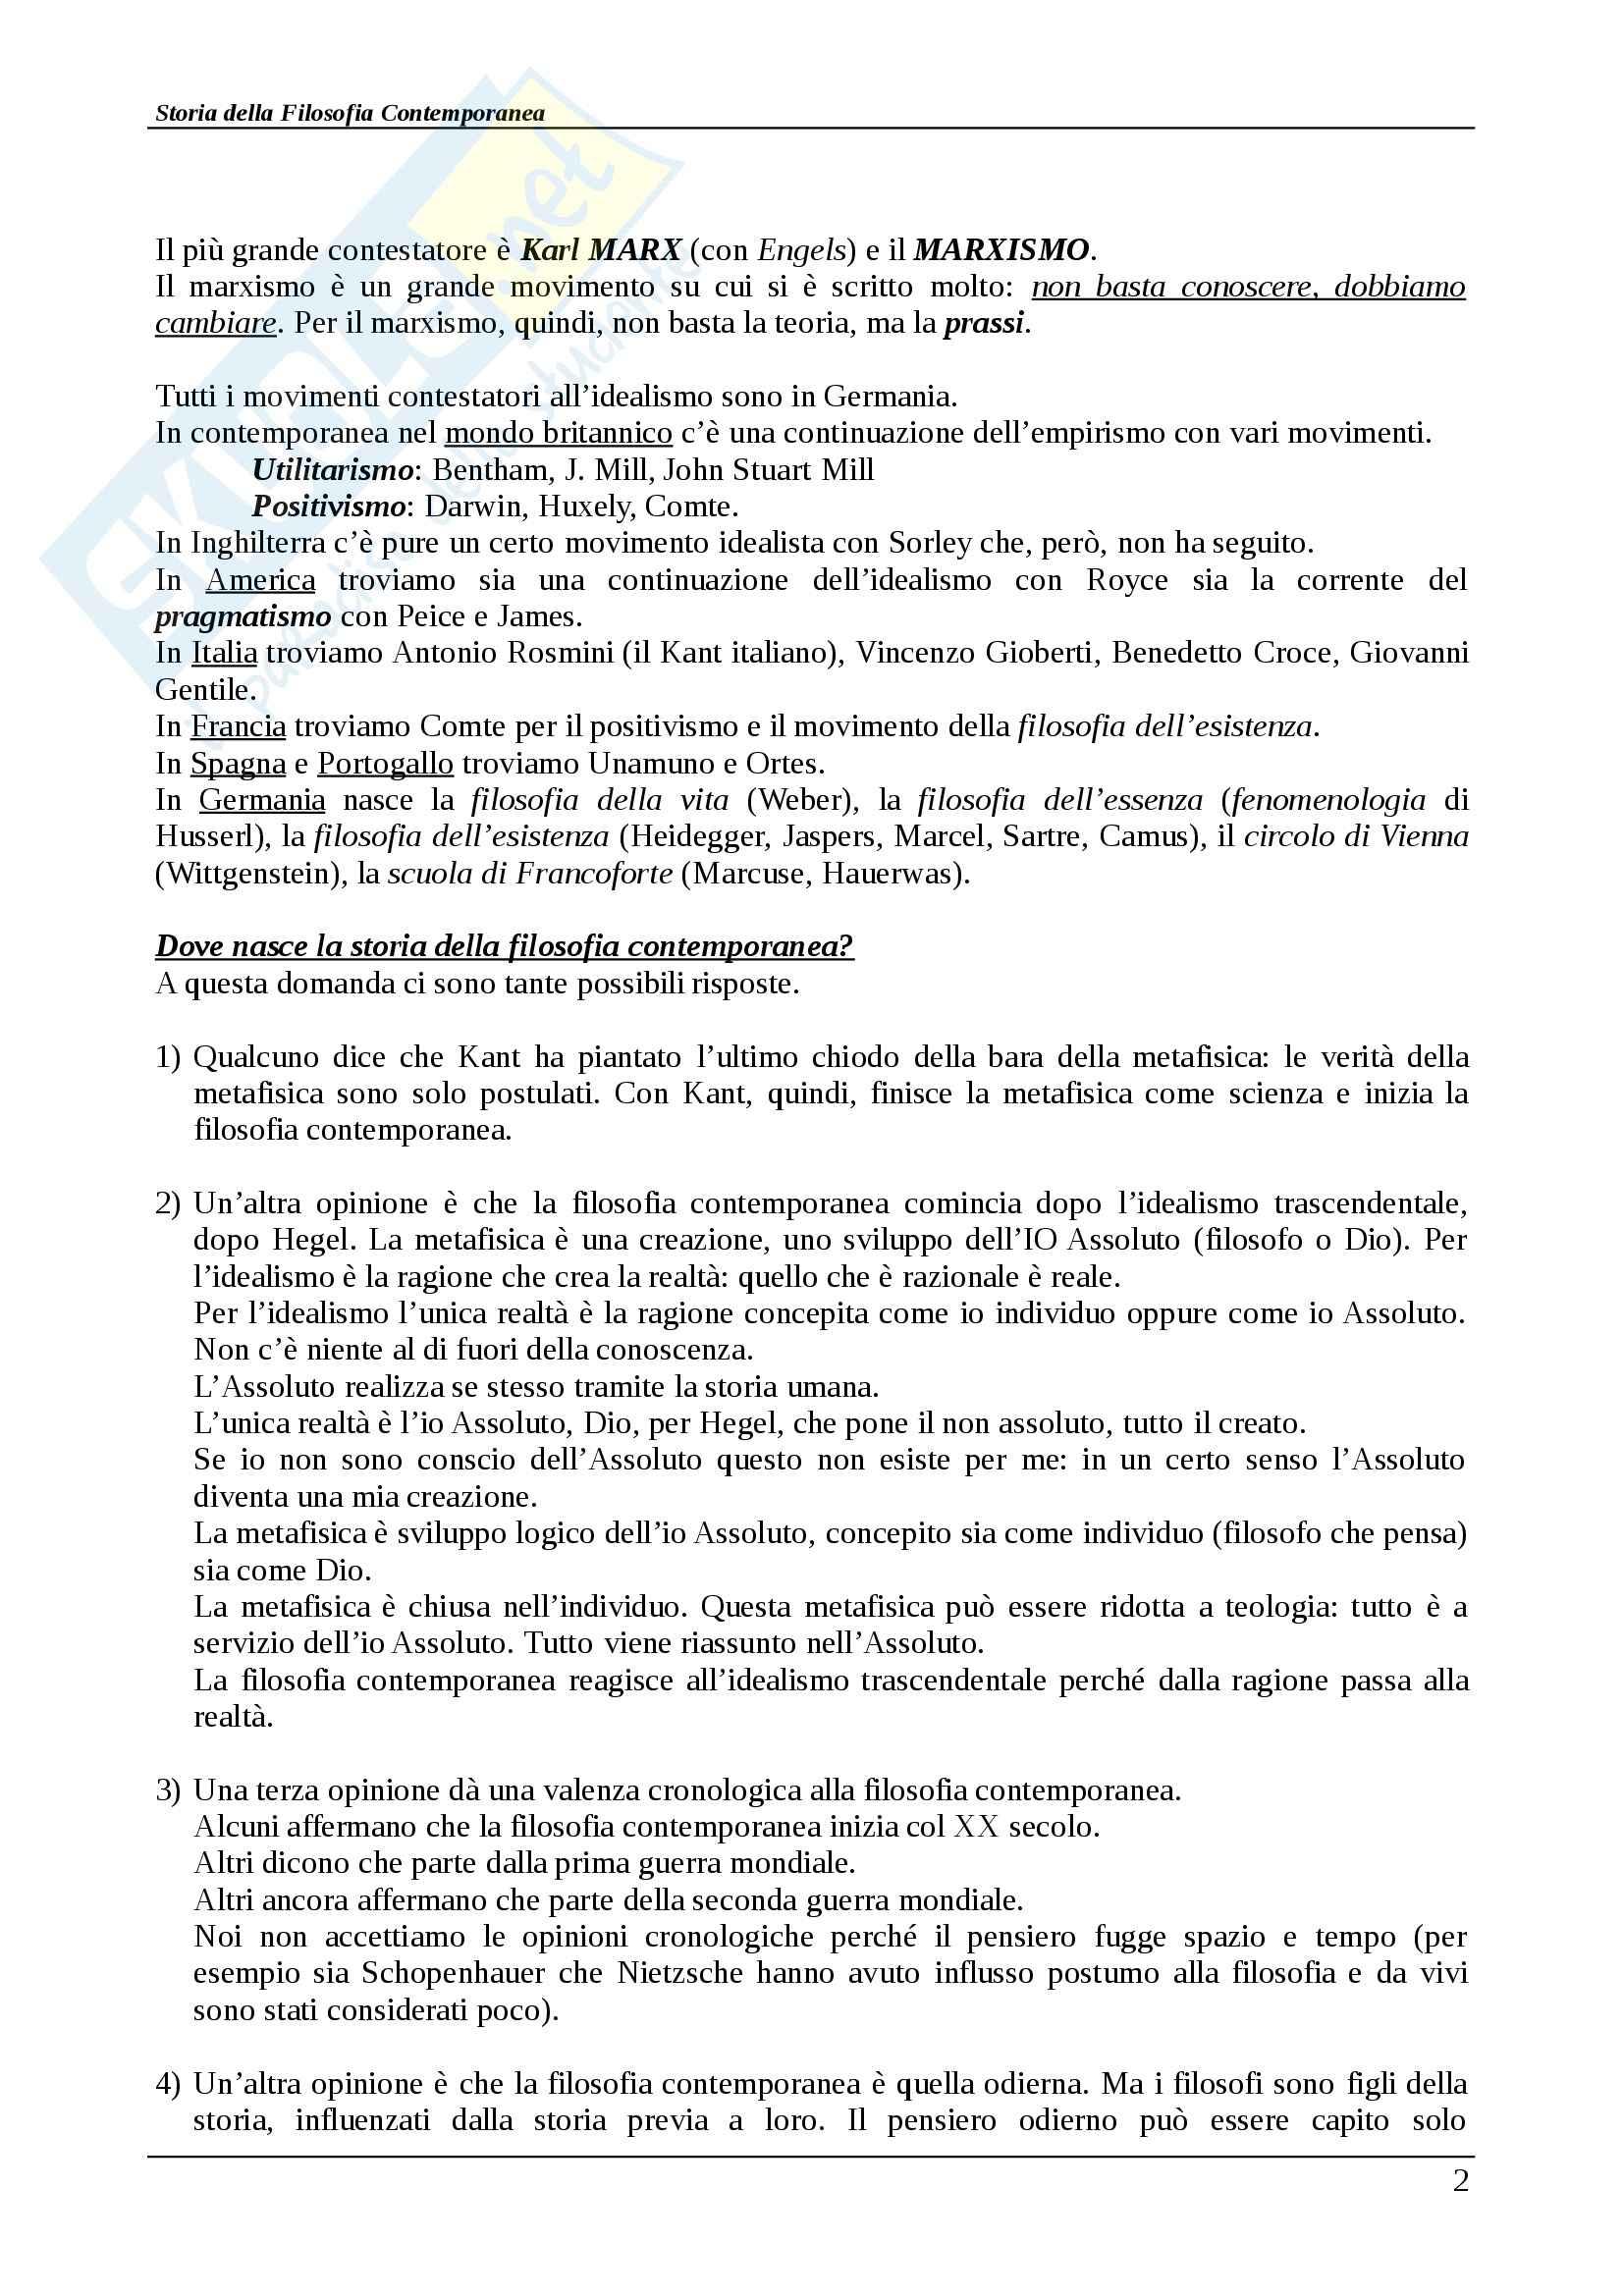 Riassunto esame Storia della filosofia contemporanea, Storia della filosofia contemporanea, Abbagnano/Fornero, prof. Scaria Pag. 2